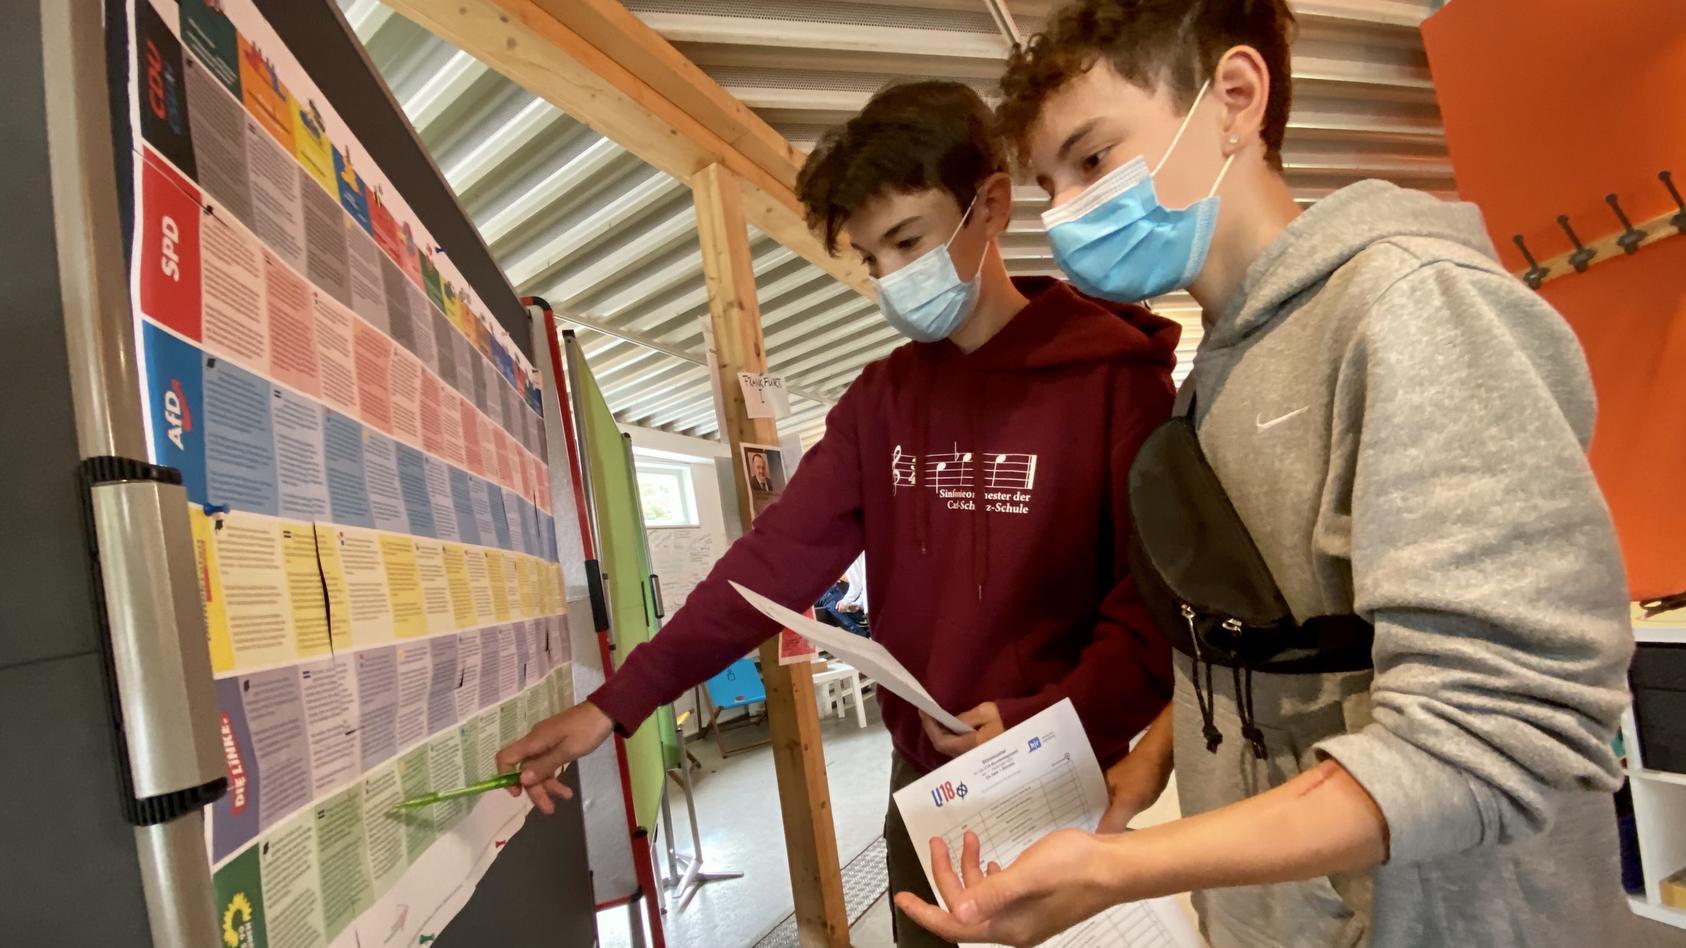 Die beiden Neuntklässler Niko (l.) und Max informieren sich im U18-Wahllokal über die Programme der Parteien.